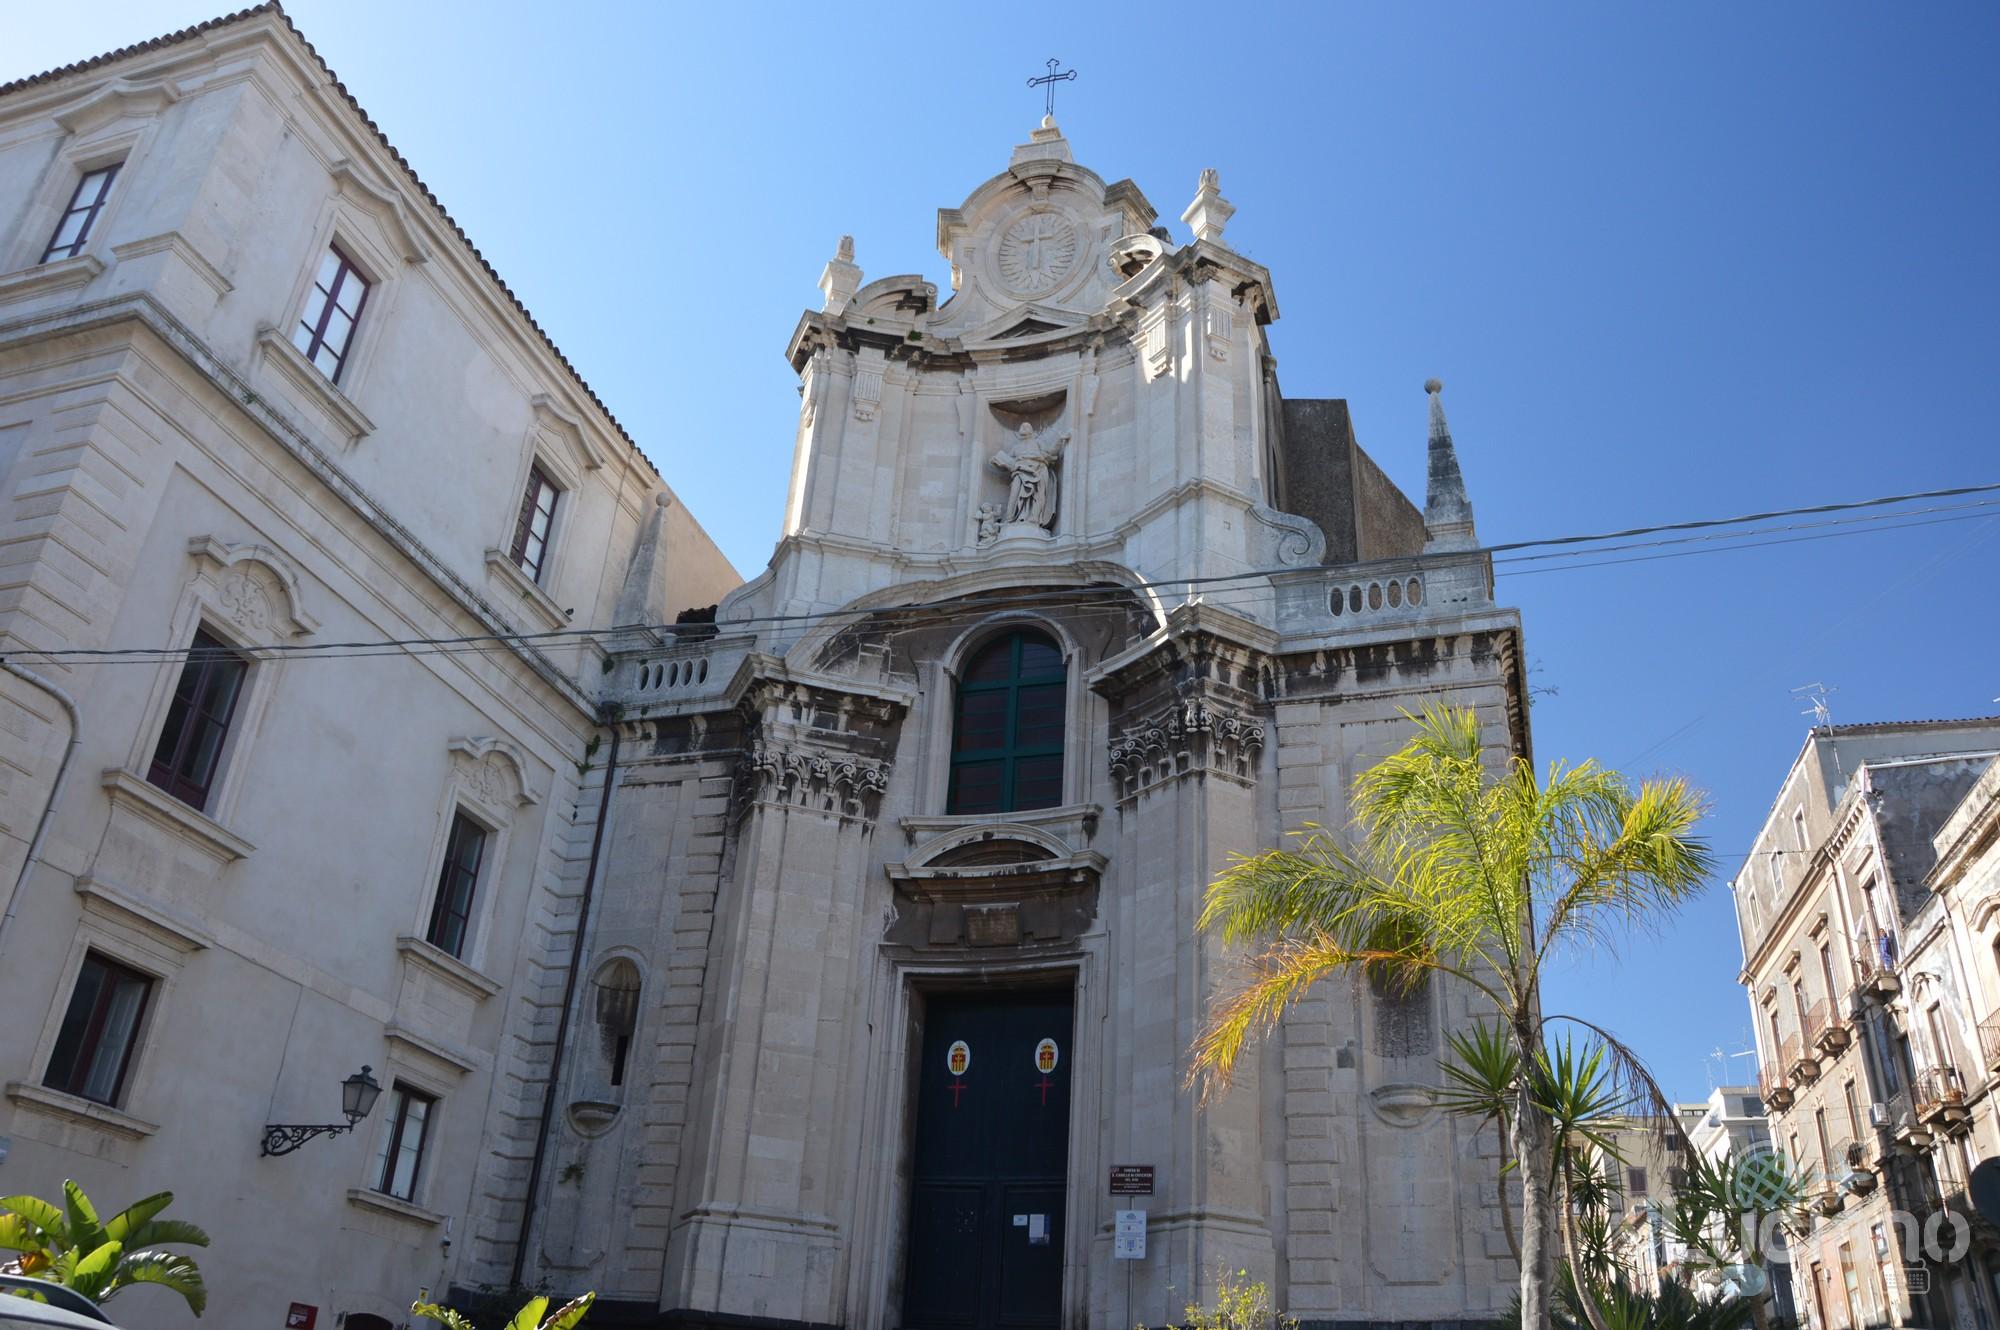 Facciata della chiesa di san camillo dei crociferi, durante i festeggiamenti per Sant'Agata 2019 - Catania (CT)